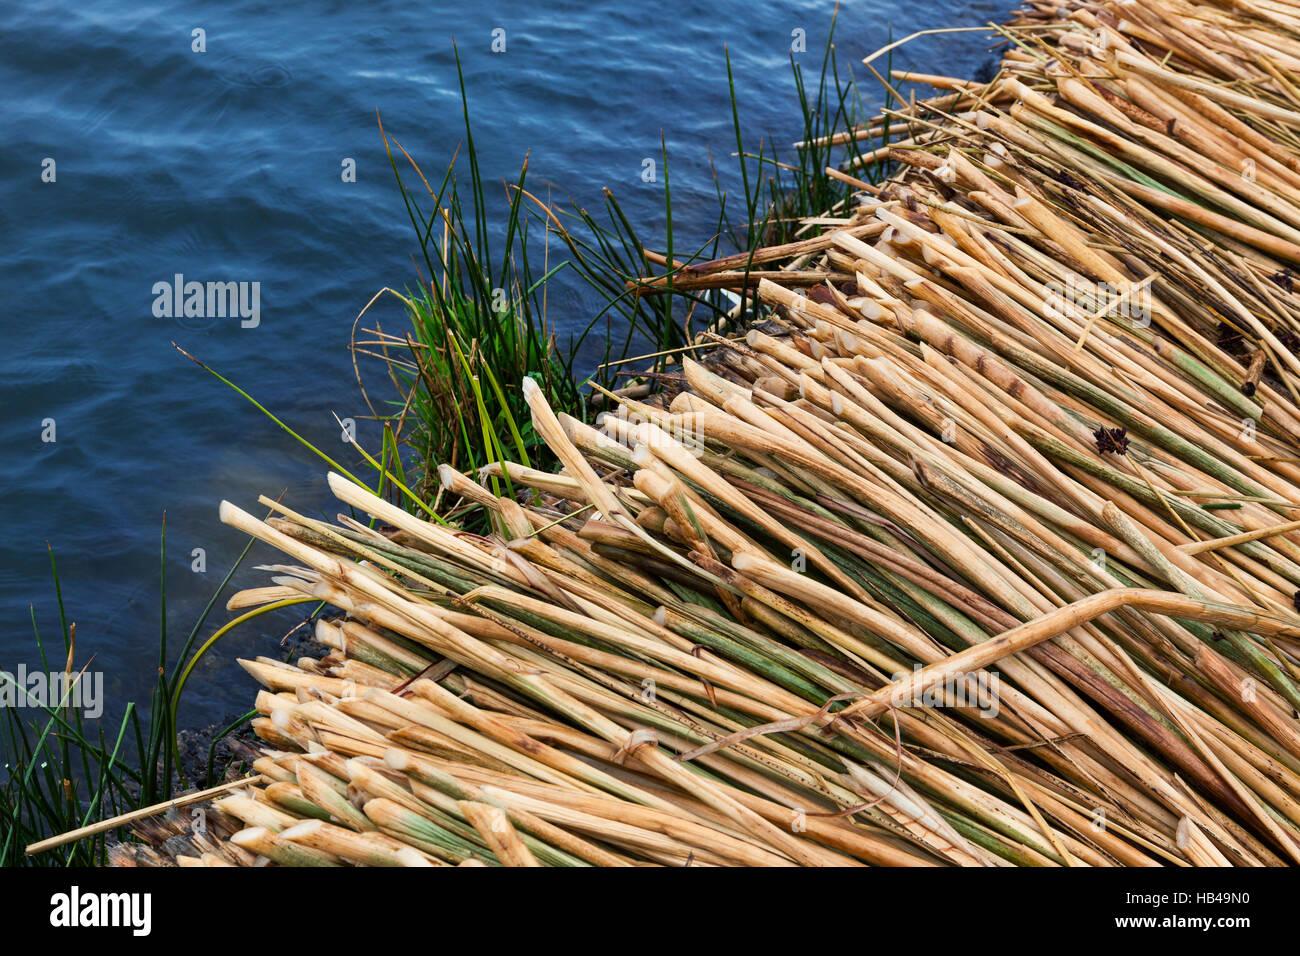 cane island - Stock Image